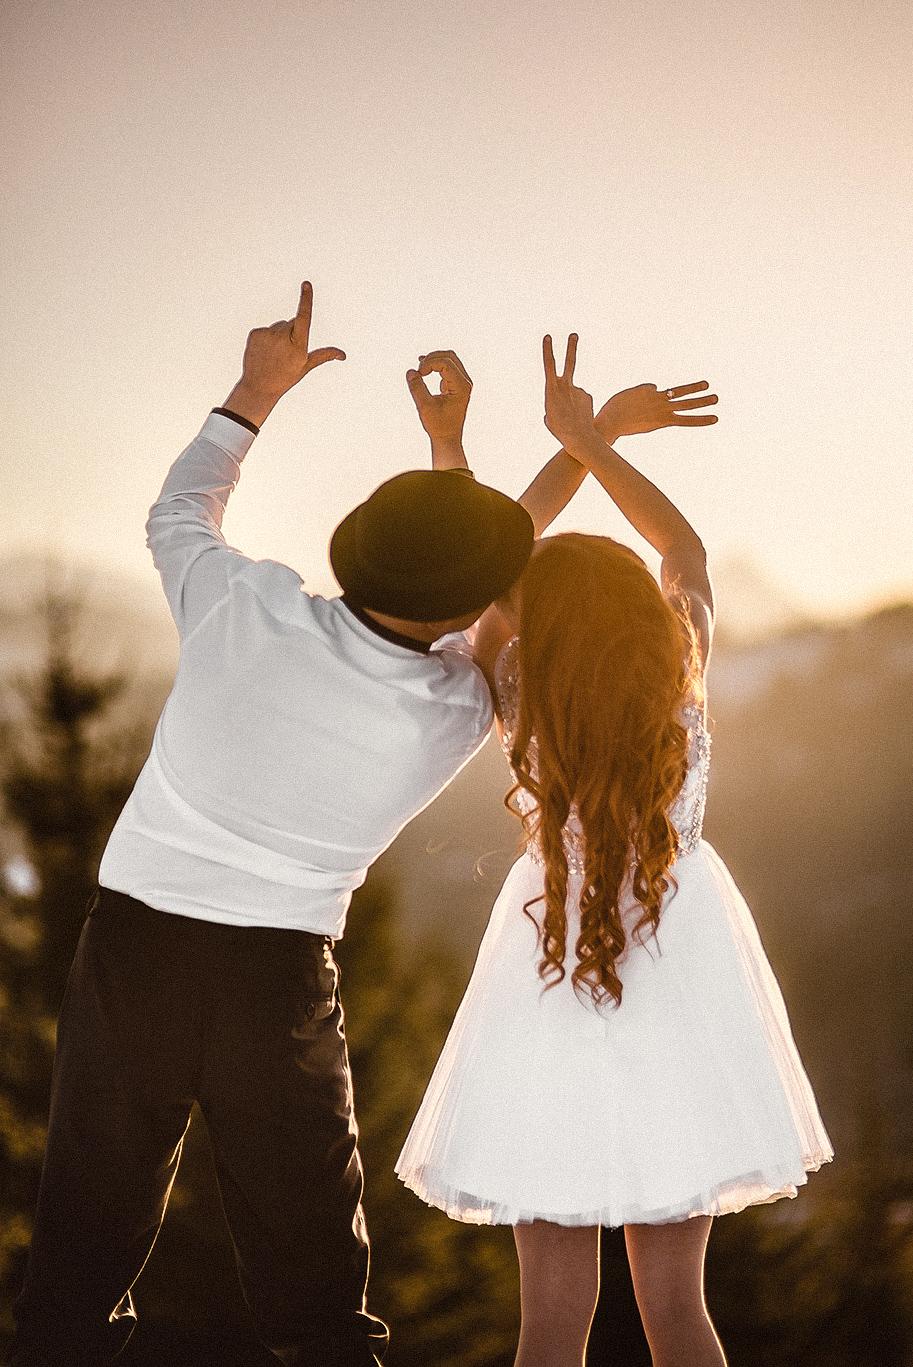 ryšavá nevesta, ženích, oblek, klobúk, šaty, láska, príroda, hory, love, wedding dress, Bratislava, Trenčín, Žilina, Liptov, fotograf, kameraman, svadobné video, západ slnka, sunset, romantika, bozk, pusa, kiss